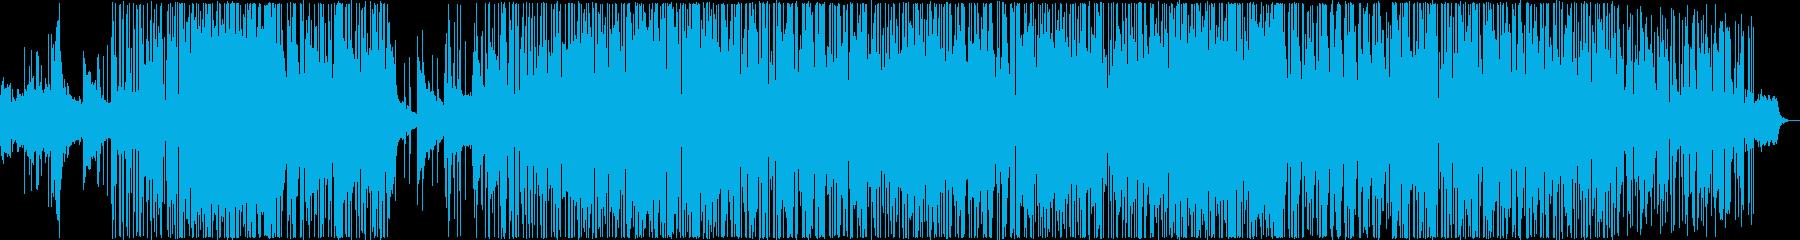 疾走感のある不思議な曲ですの再生済みの波形